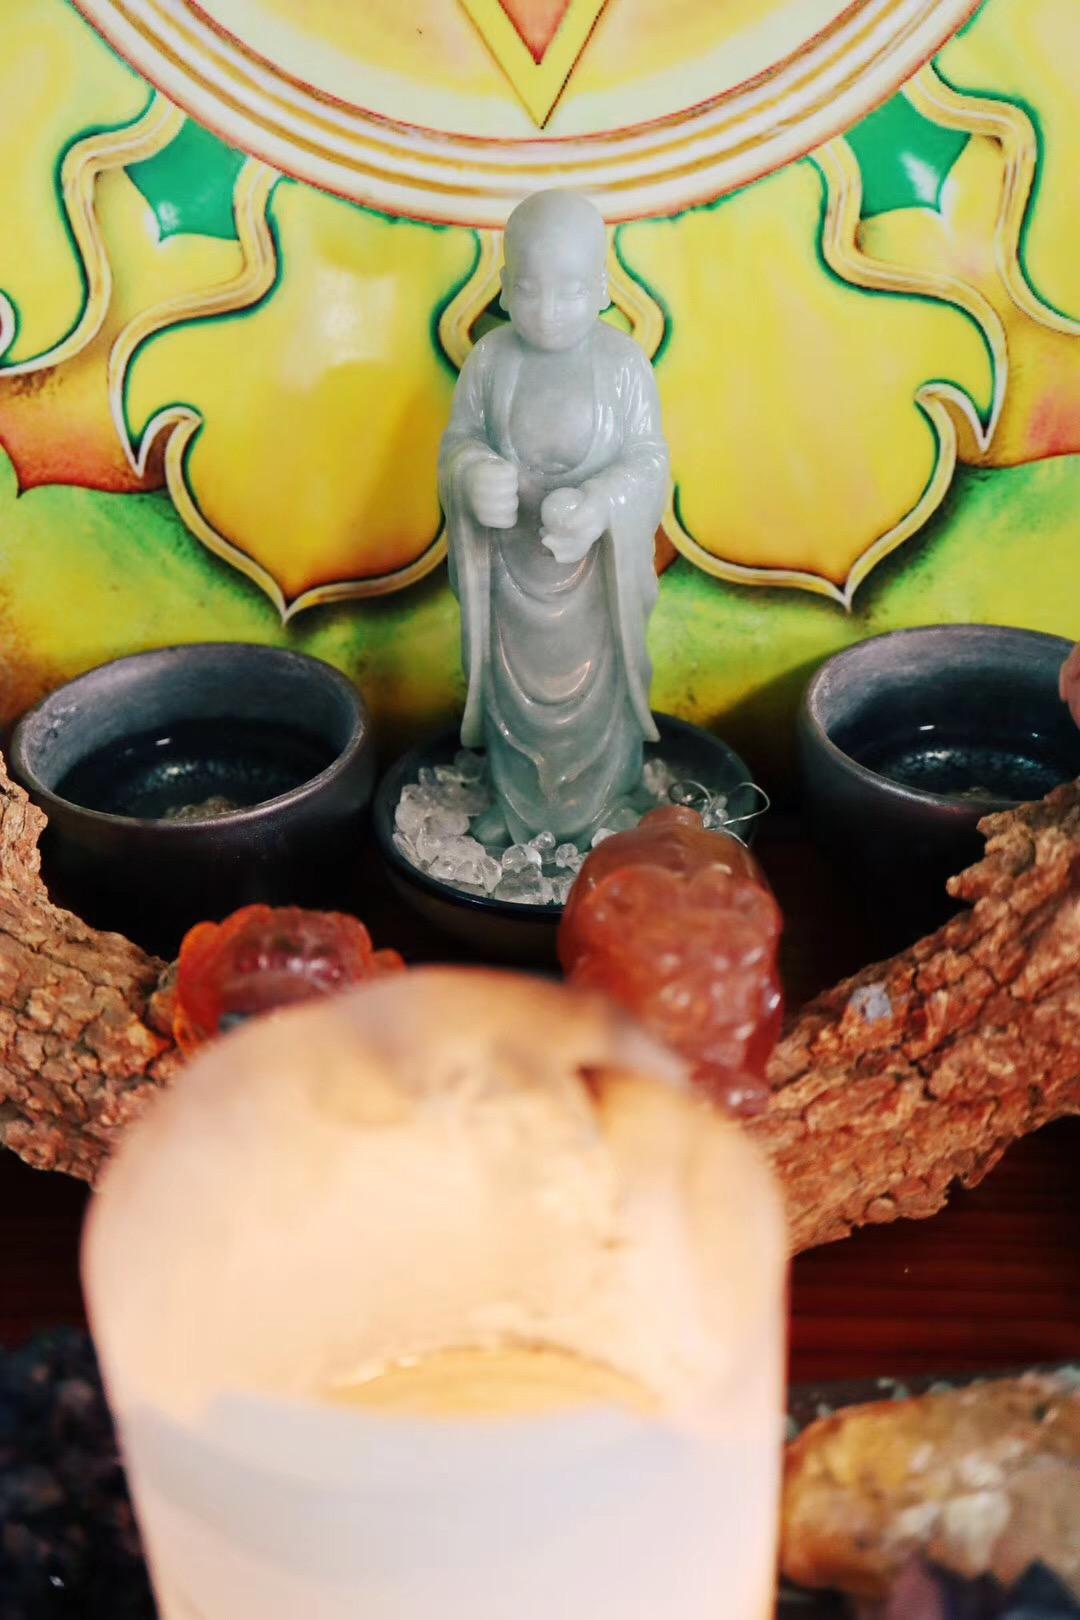 地藏菩萨的法器旧,好欢喜-菩心晶舍